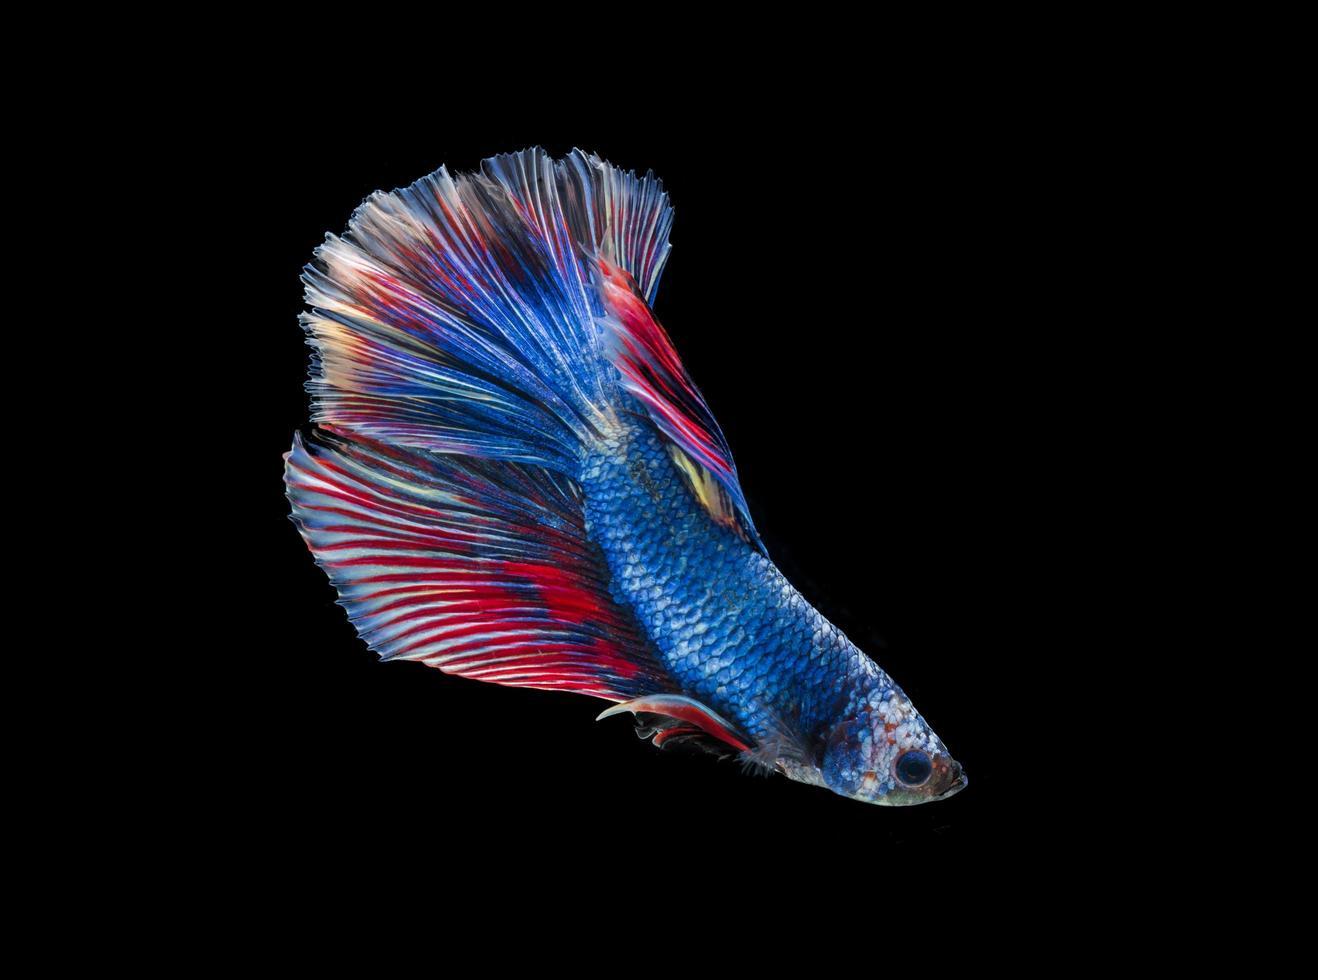 siamesiska betta slåss fisk med vackra färger på svart bakgrund foto